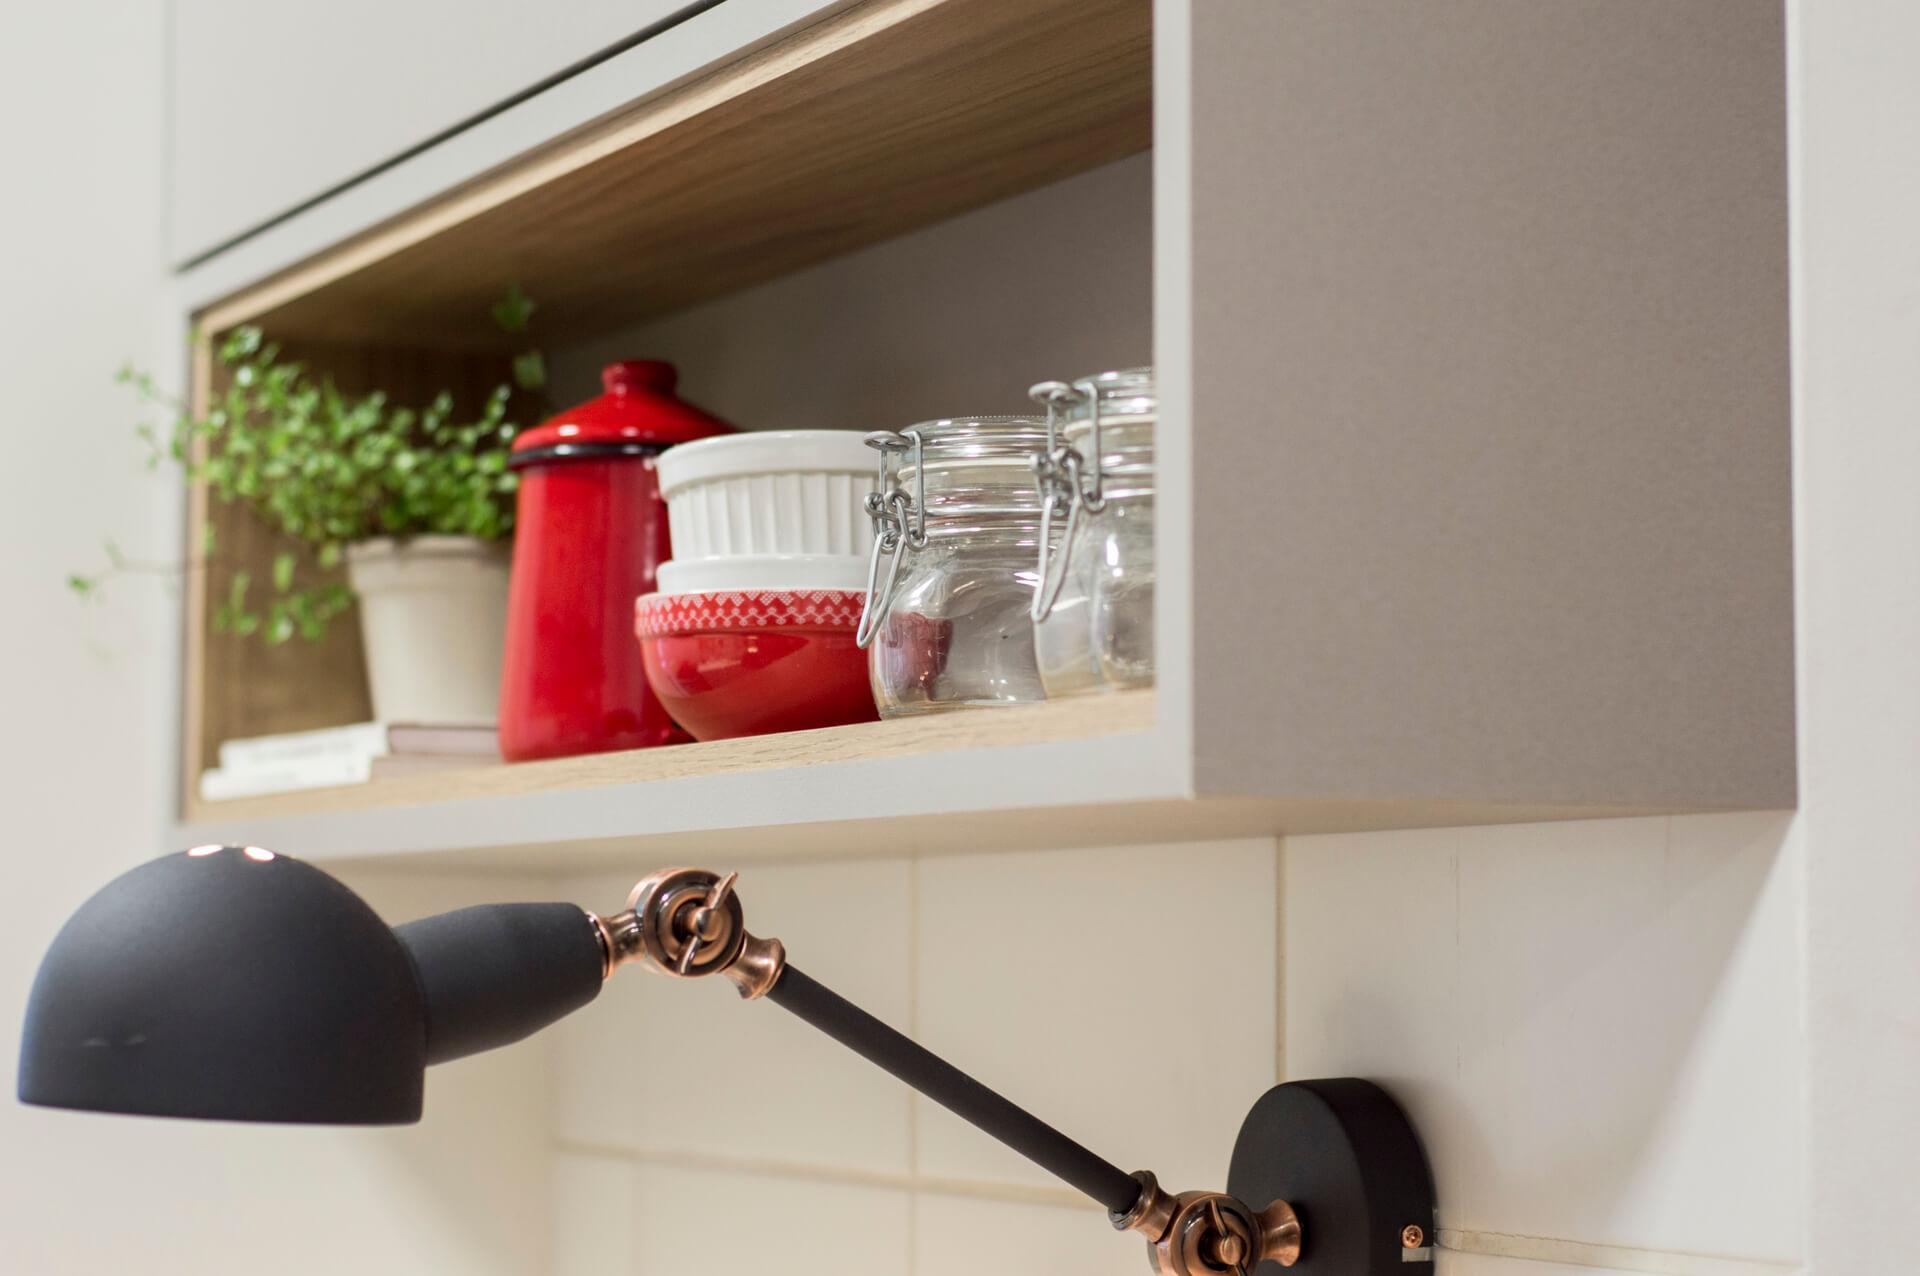 Imagem: Nicho com objetos relacionados ao café a mostra. Projeto: Arquiteca Projetos Afetivos. Foto: Nadya Costa.